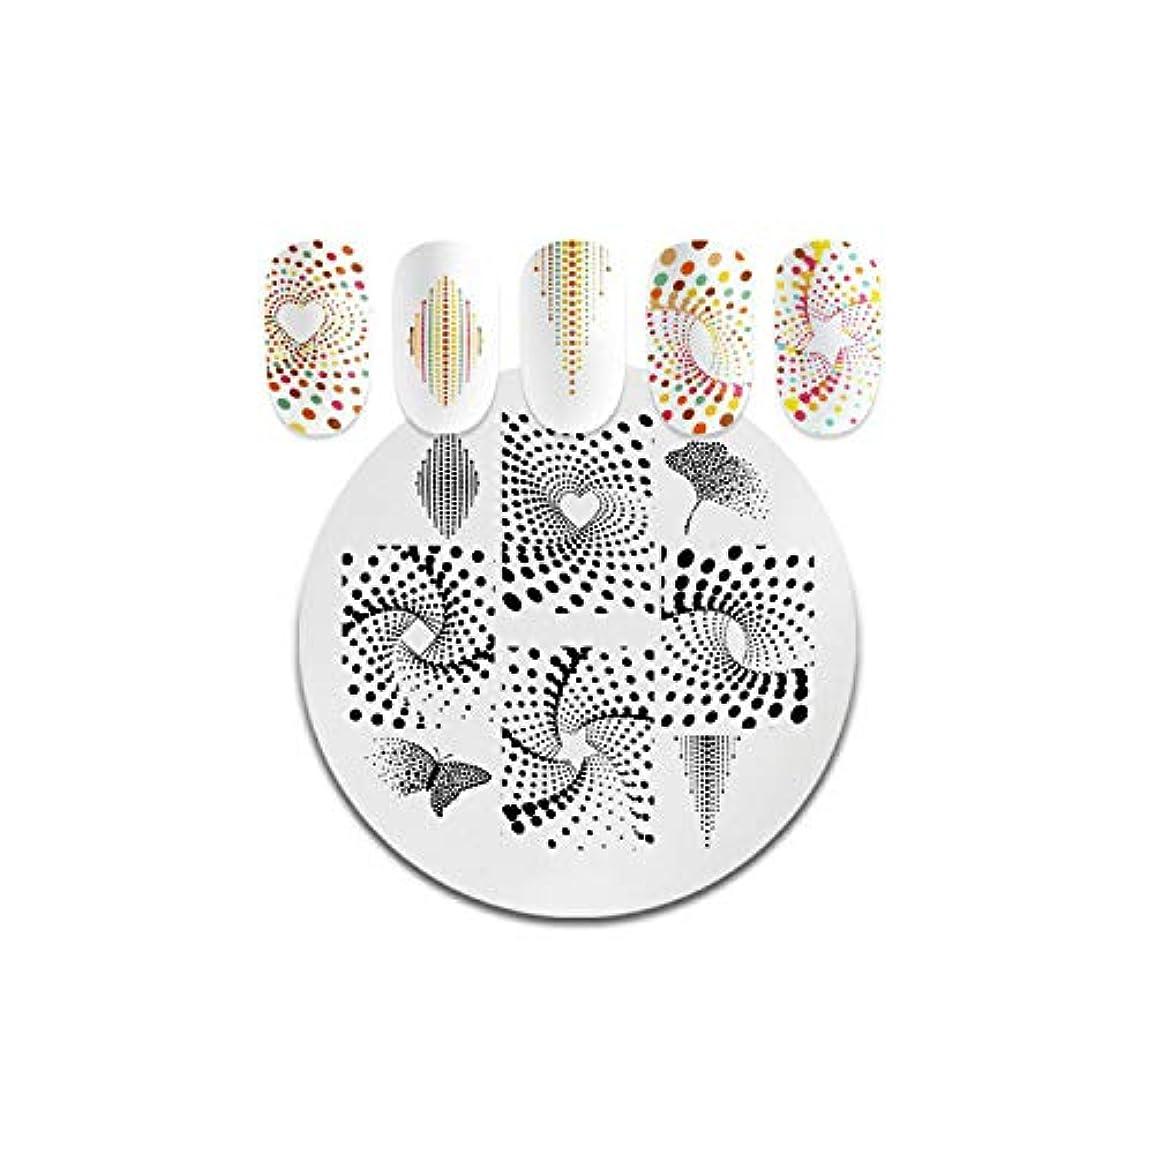 細断汚れたマネージャーAKIROKスクエアラウンドネイルスタンピングプレート動物パターンステンレススチールスタンピングテンプレートネイルアートデザインツール,PY-Y002